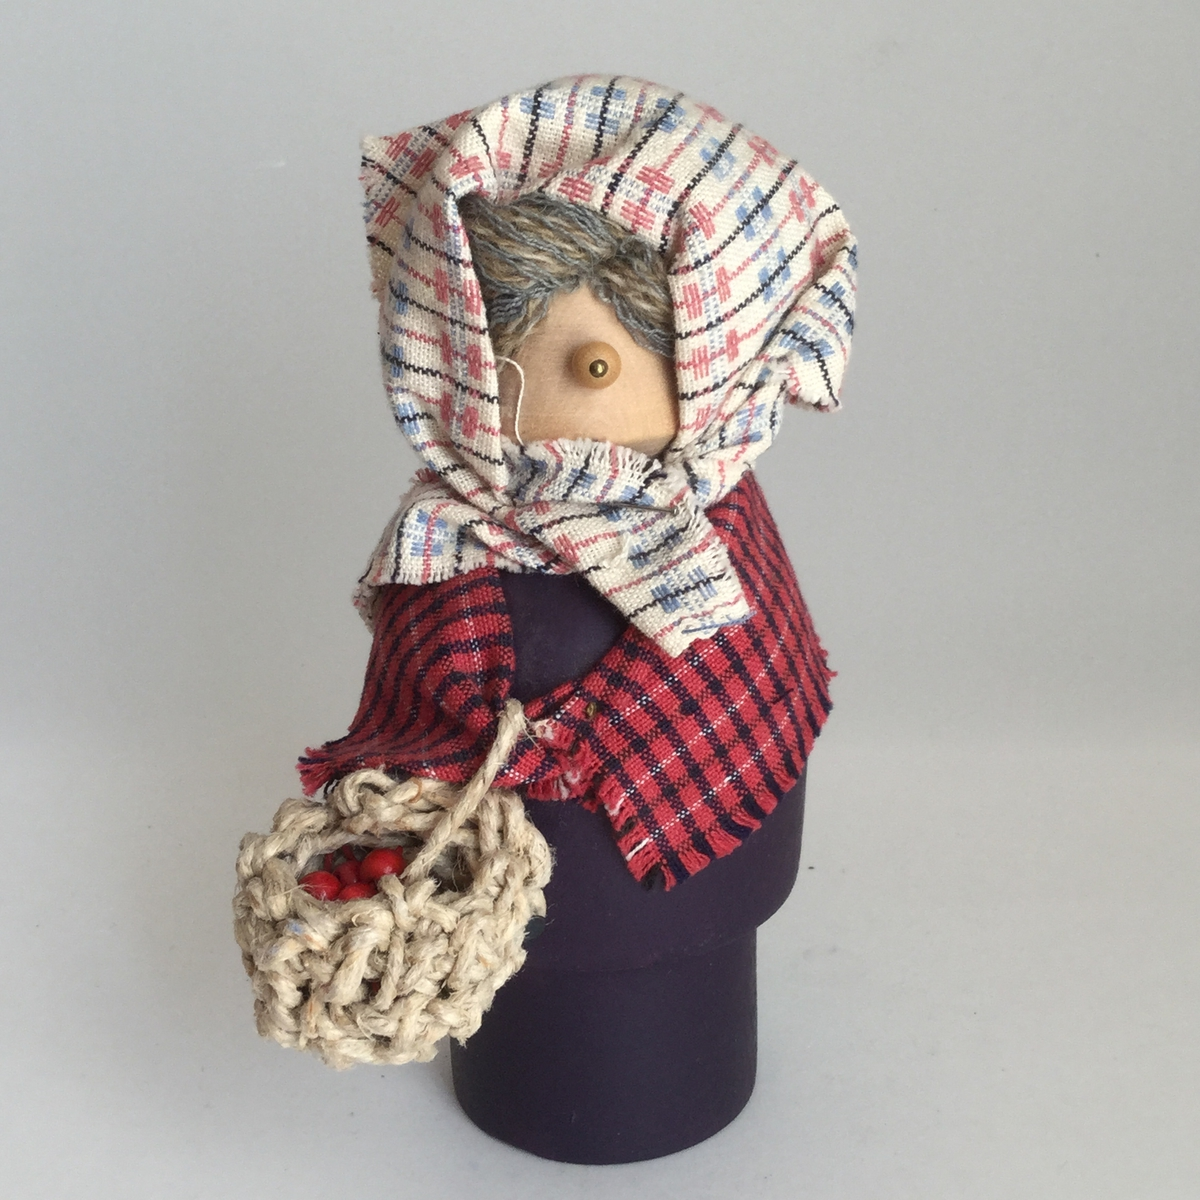 Prydnaden är en påskgumma i svarvat trä. Hon har schalett och sjal av tyg, kroppen är målad i lila.Hon bär på en korg i makramé som är fylld med små röda träkulor.Höjden är 171 mm och bredden 58 mm.